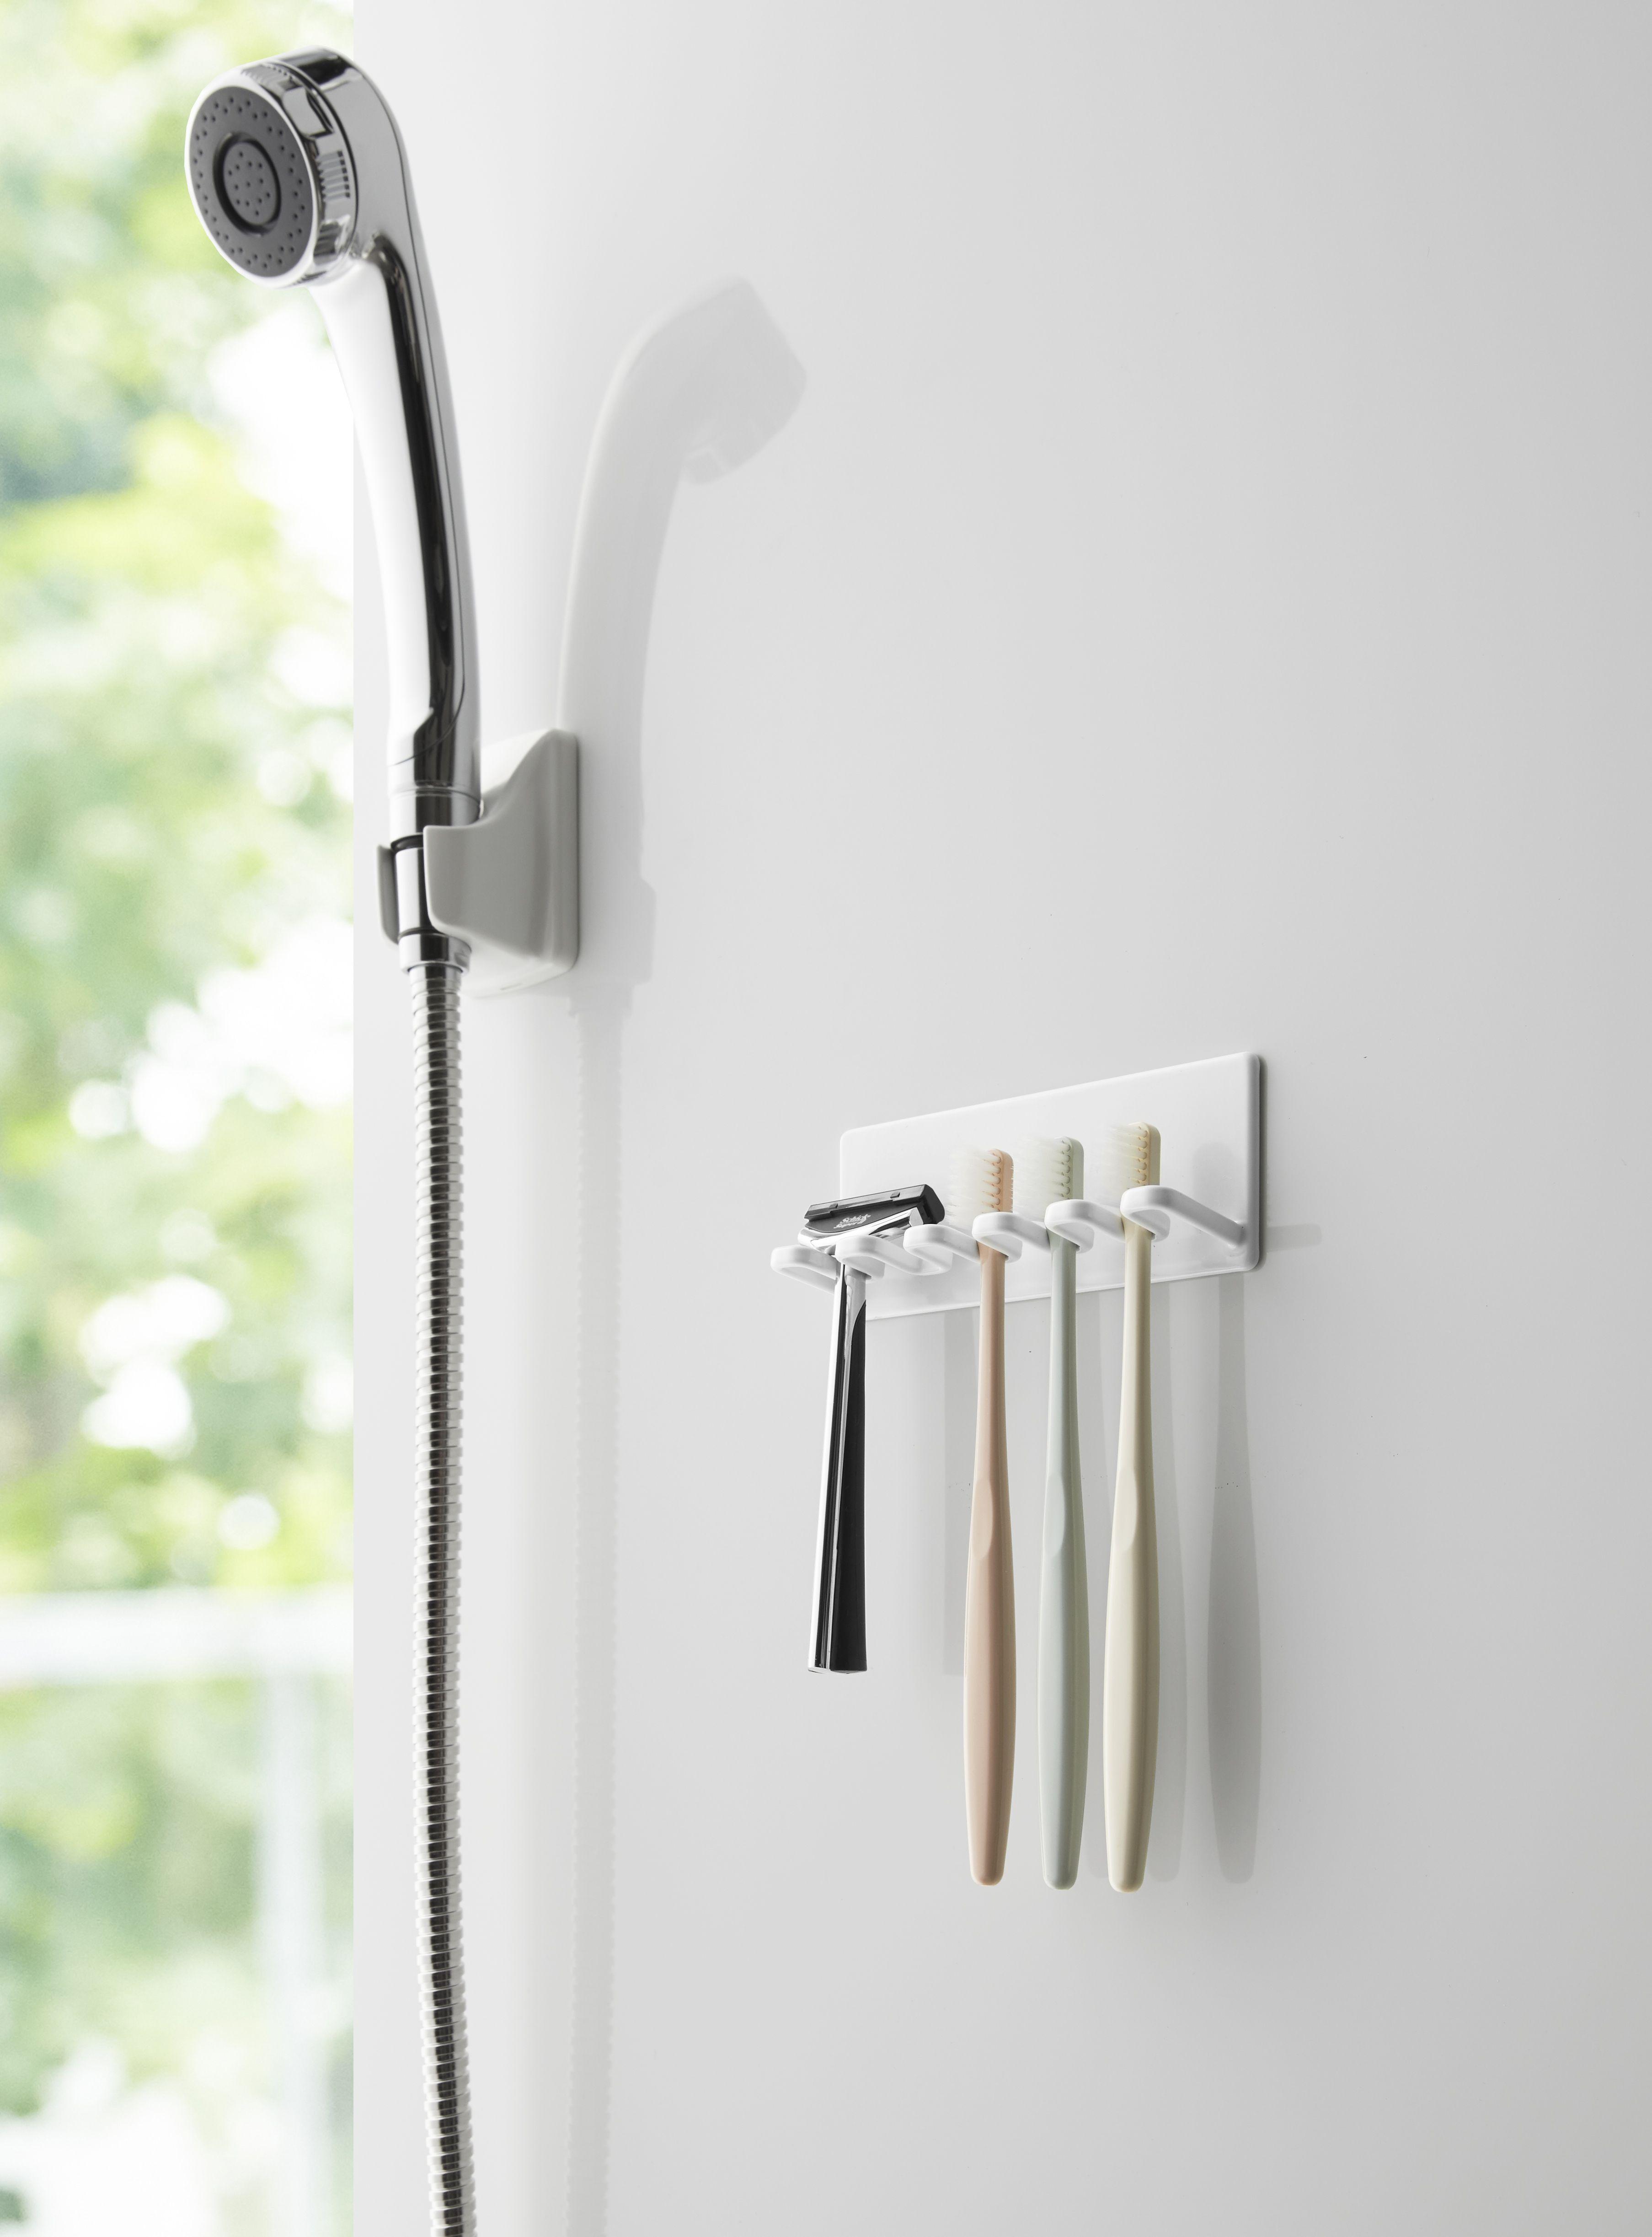 マグネットバスルーム歯ブラシホルダー 5連 タワー 歯ブラシホルダー 歯ブラシ バスルーム